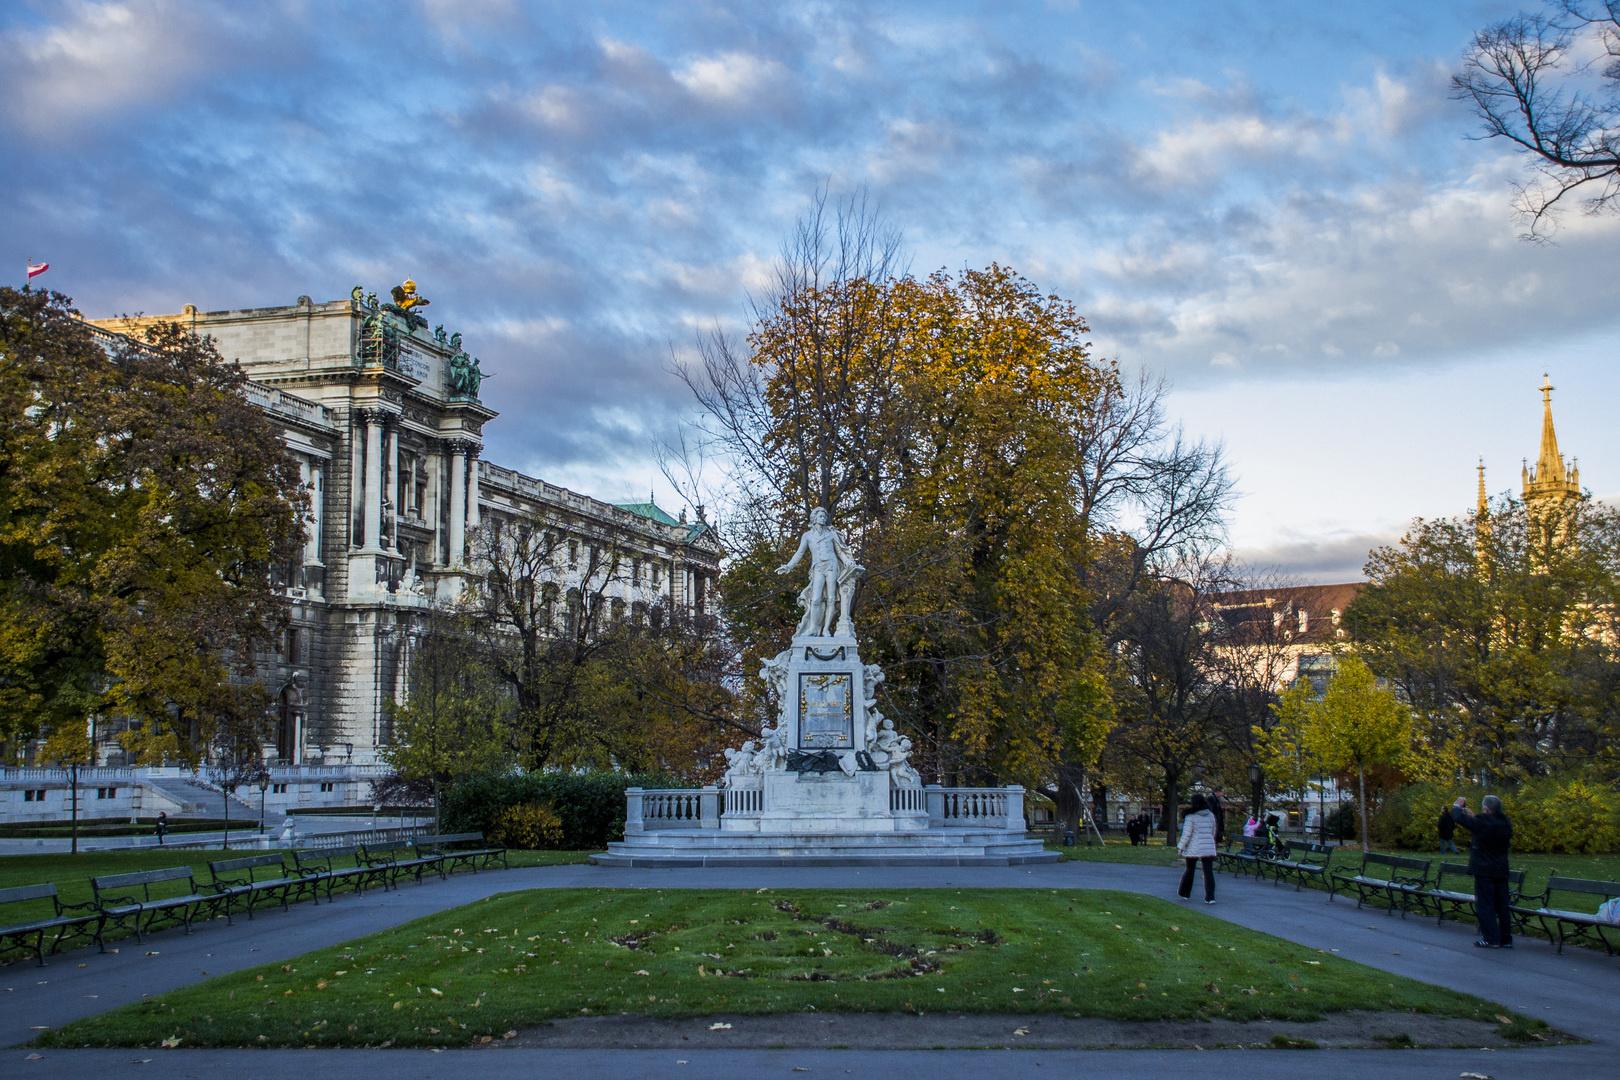 Još jedan park u Beču